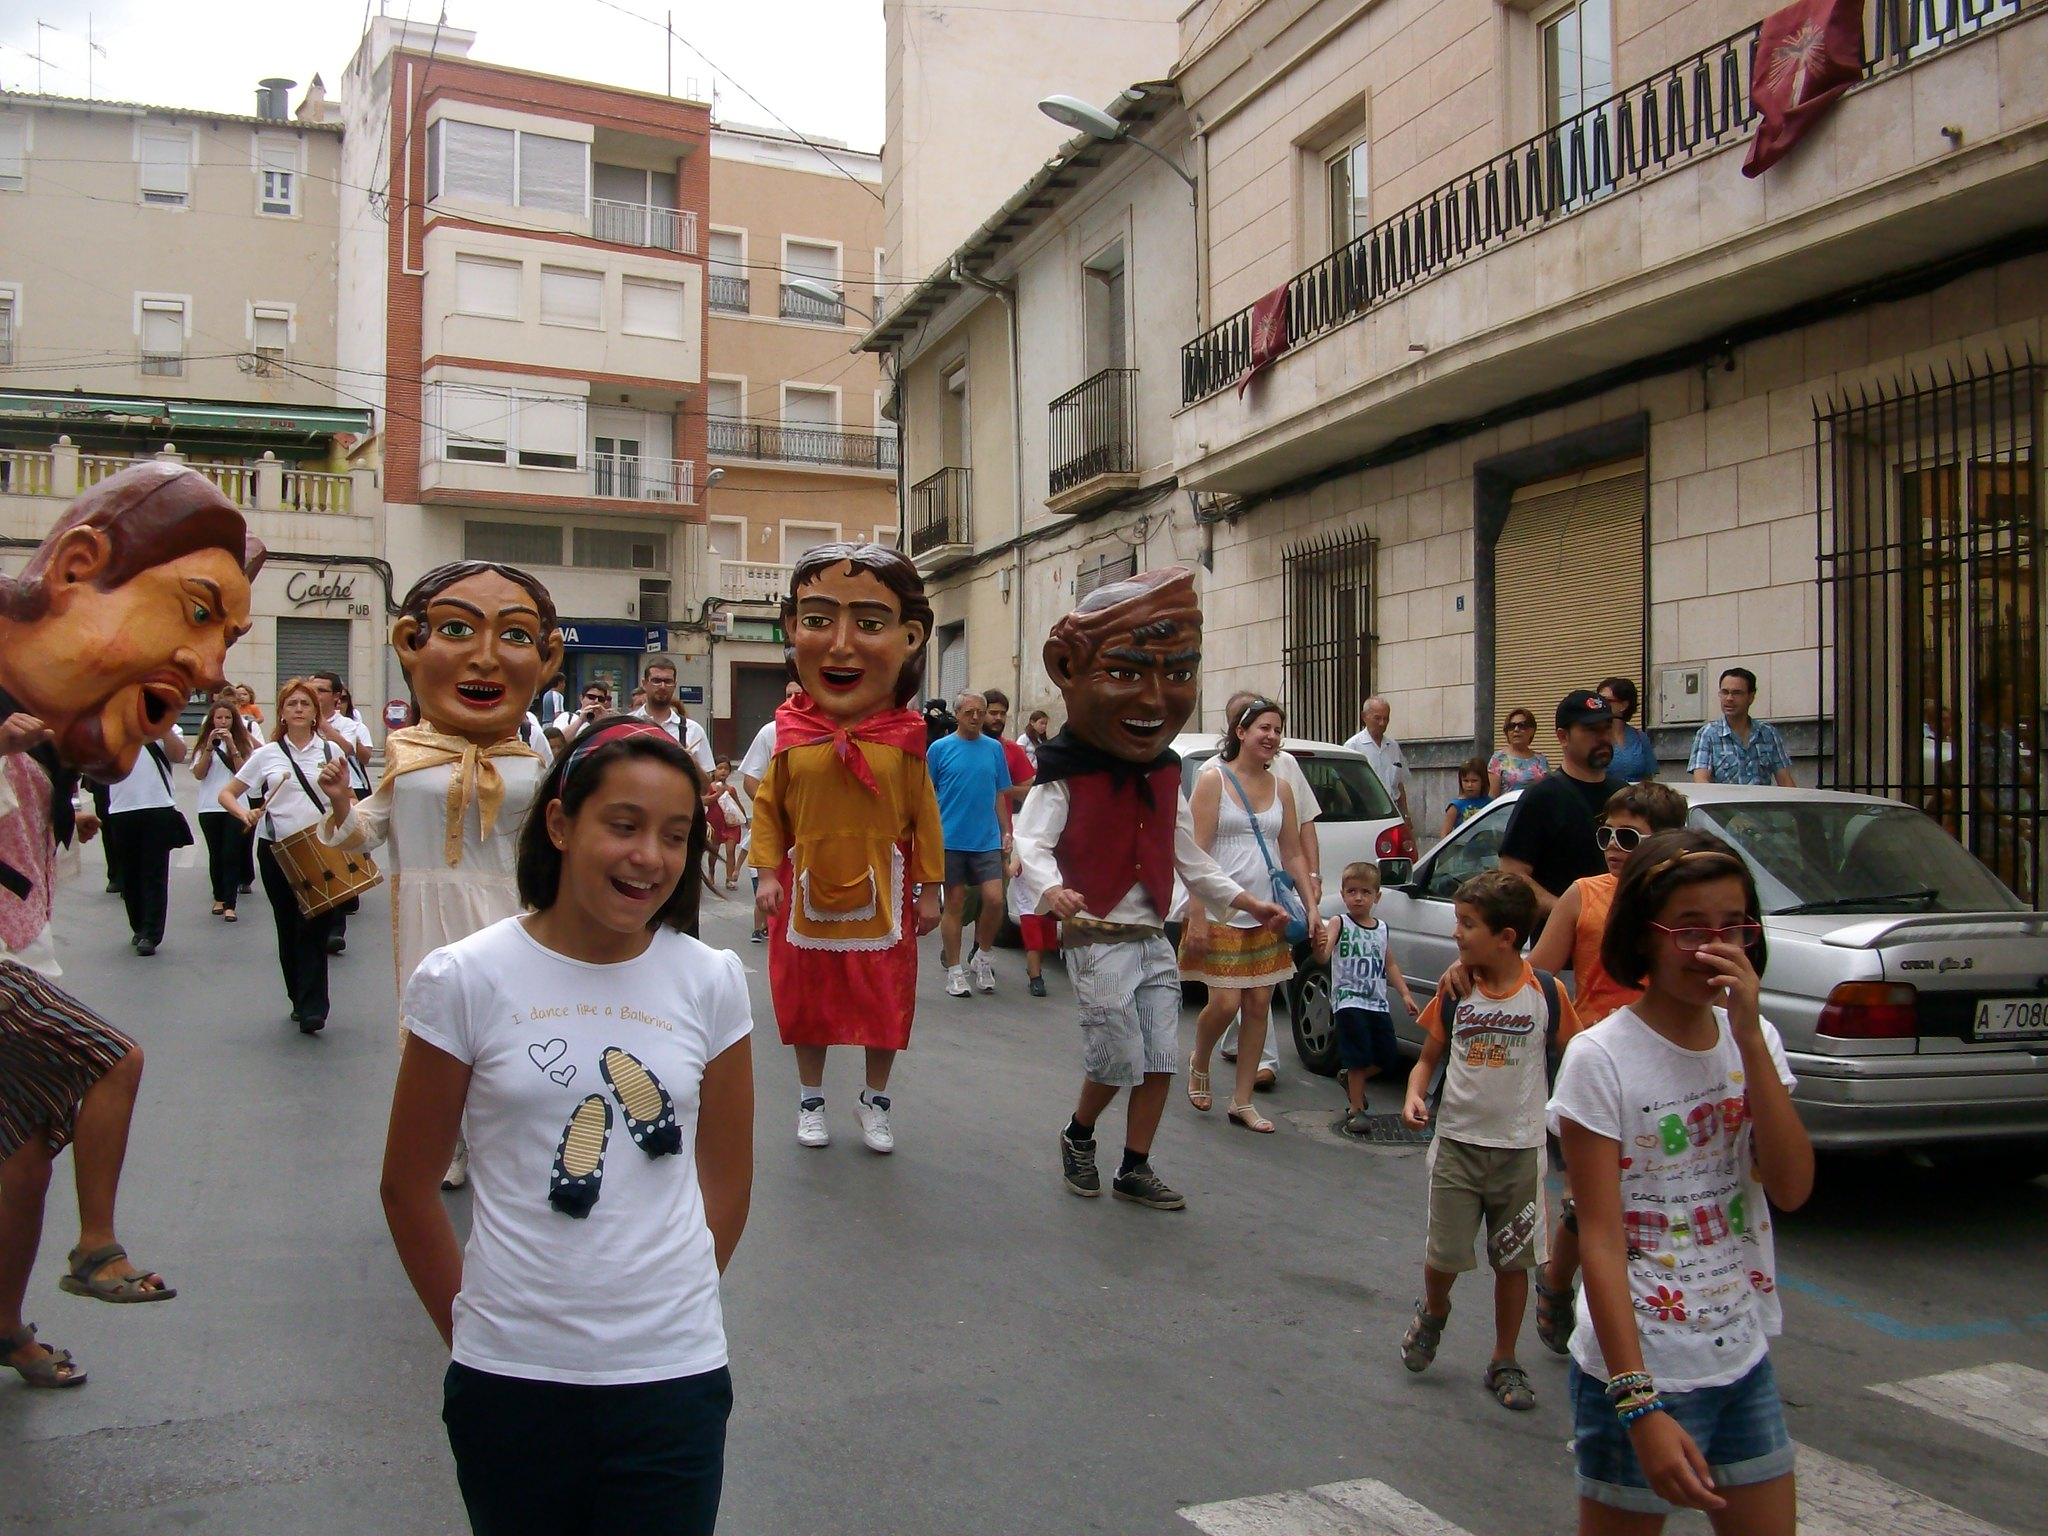 (2011-07-03) - Pasacalle Gent de Nanos -  José Vicente Romero Ripoll (14)